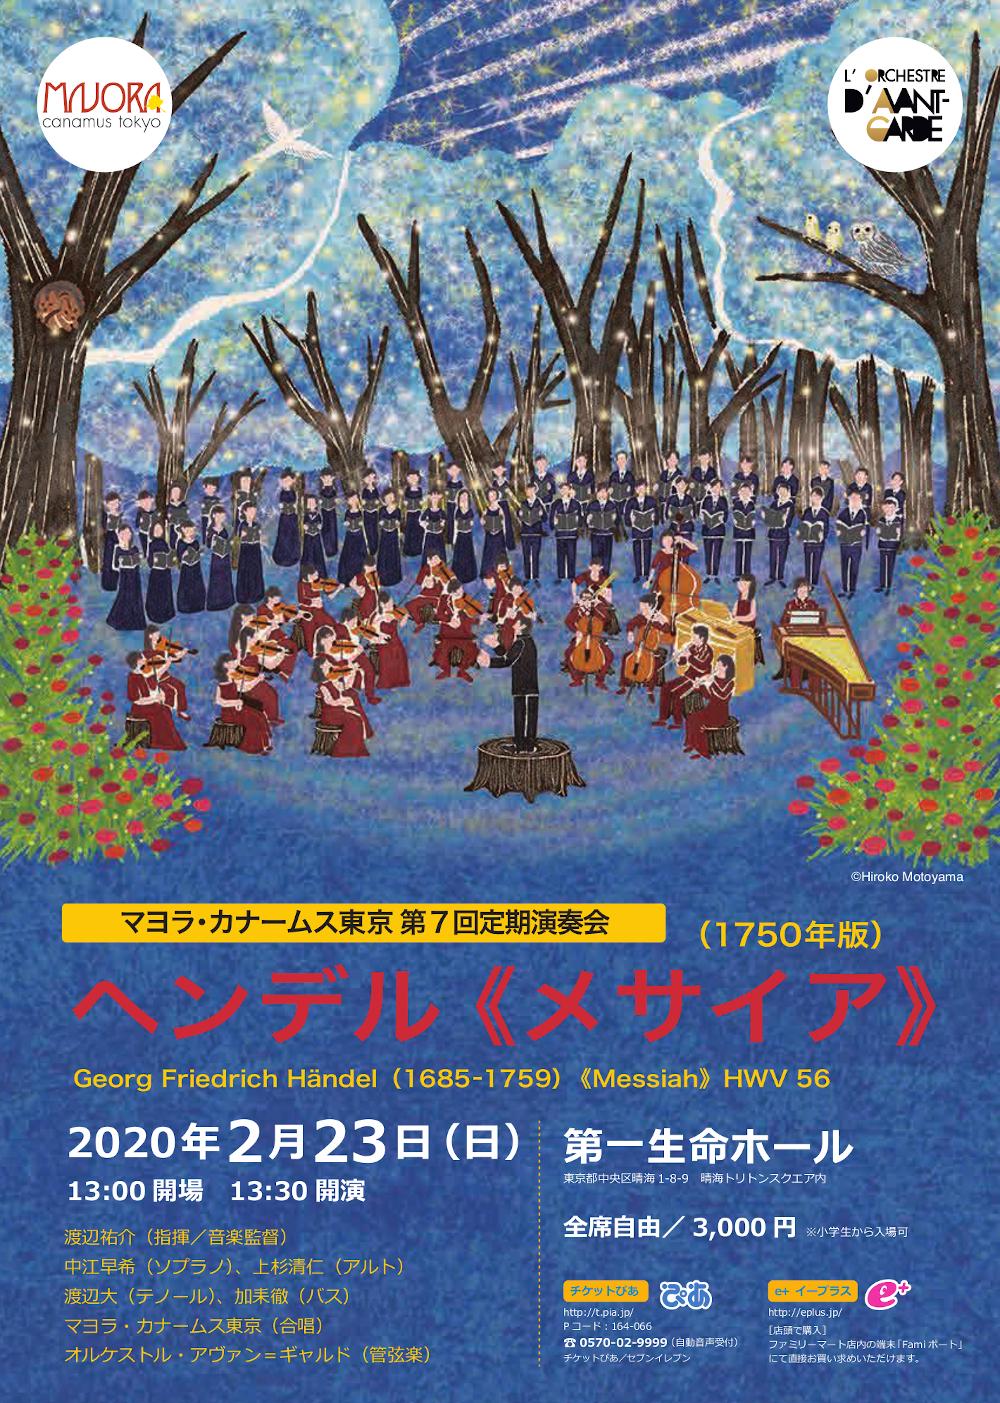 マヨラ・カナームス東京 第7回定期演奏会/ソプラノソリスト